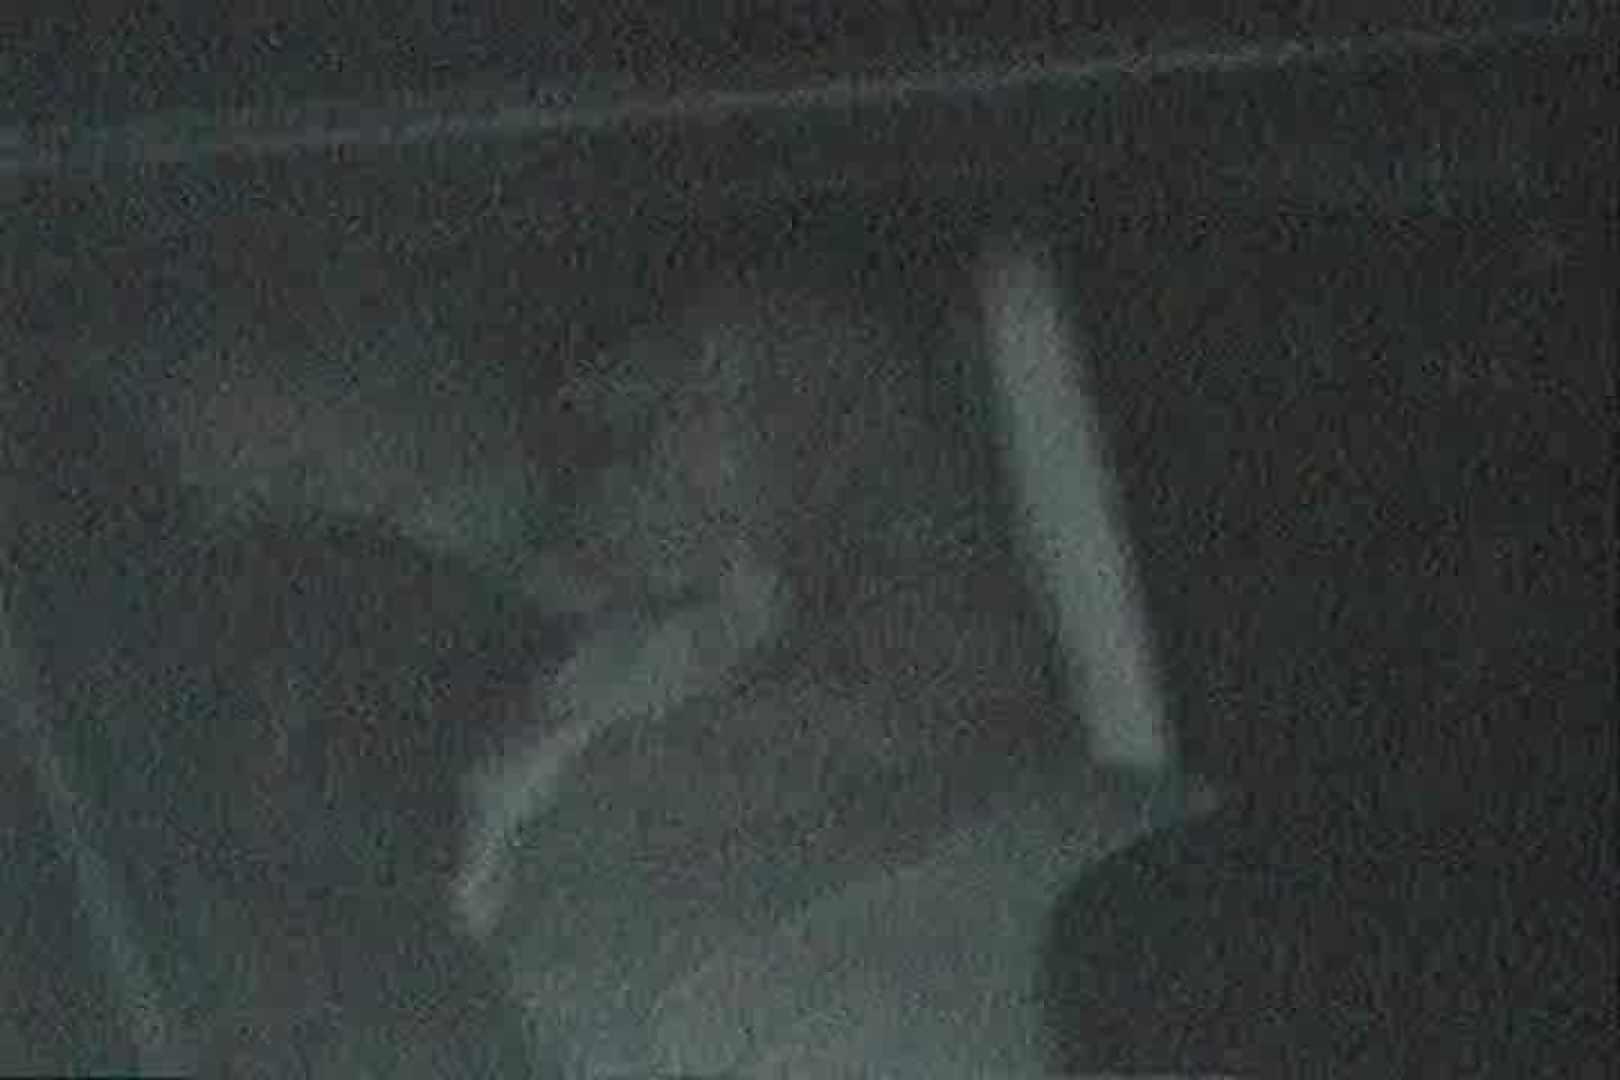 充血監督の深夜の運動会Vol.123 エッチなセックス アダルト動画キャプチャ 107画像 68